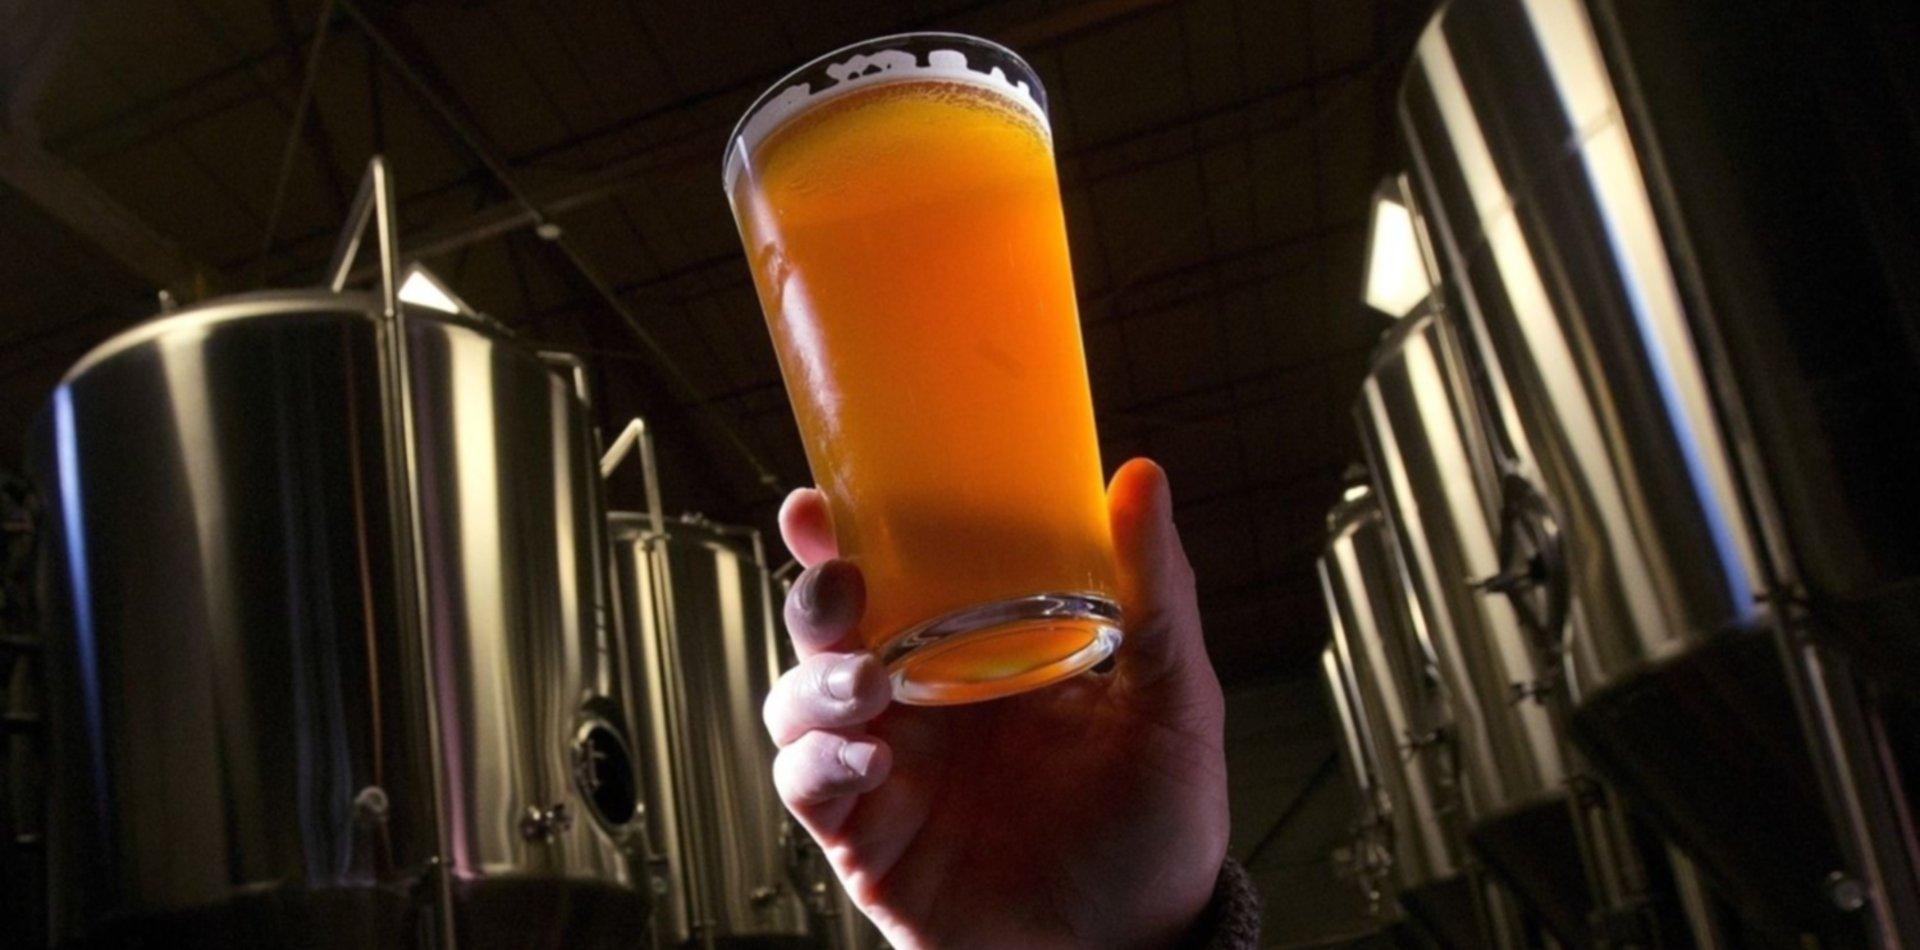 Resultado de imagen para microemprendedores cerveza